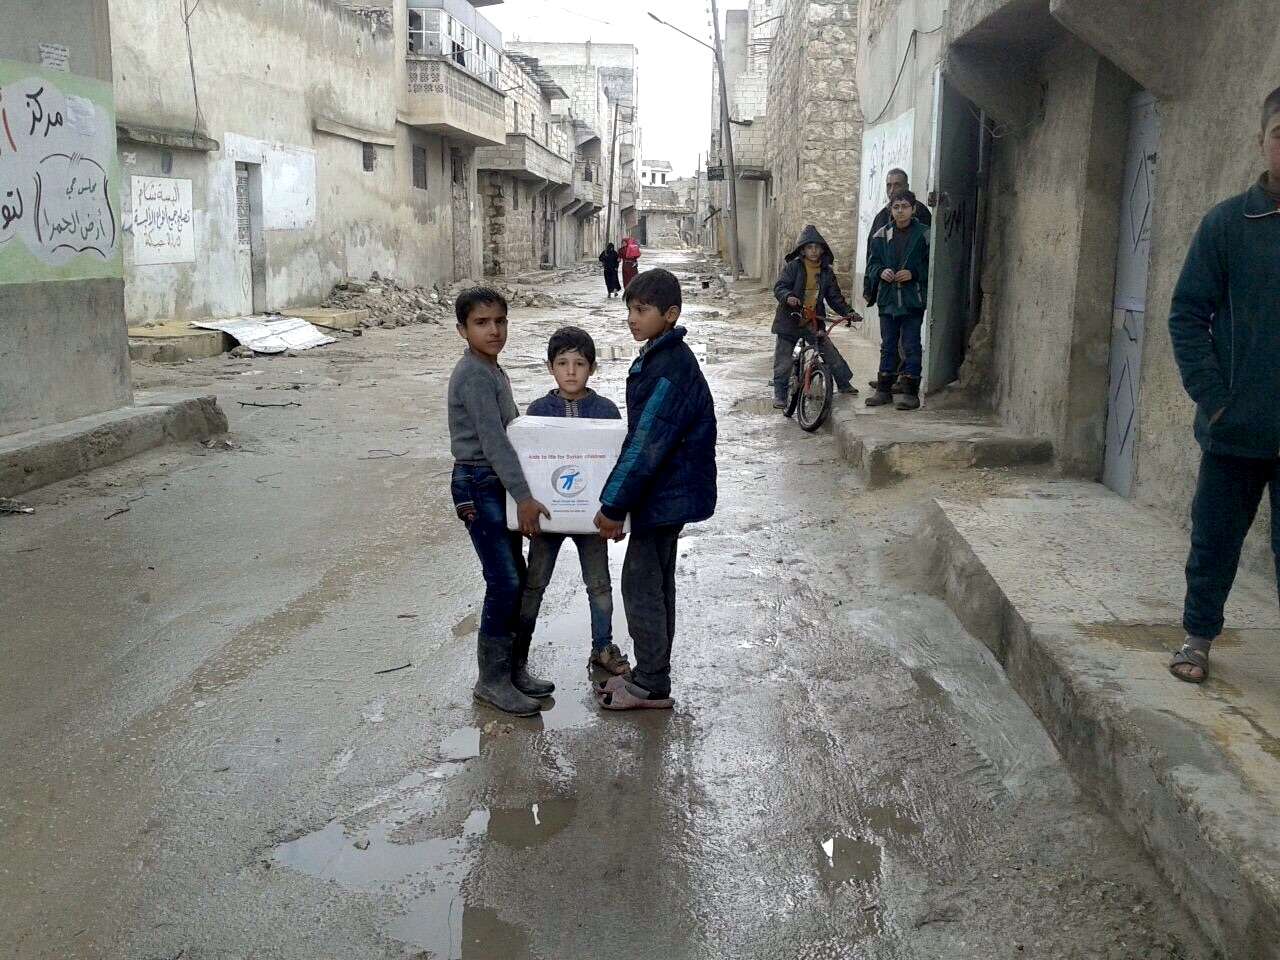 Überlebenspakete für Kinder in Syrien